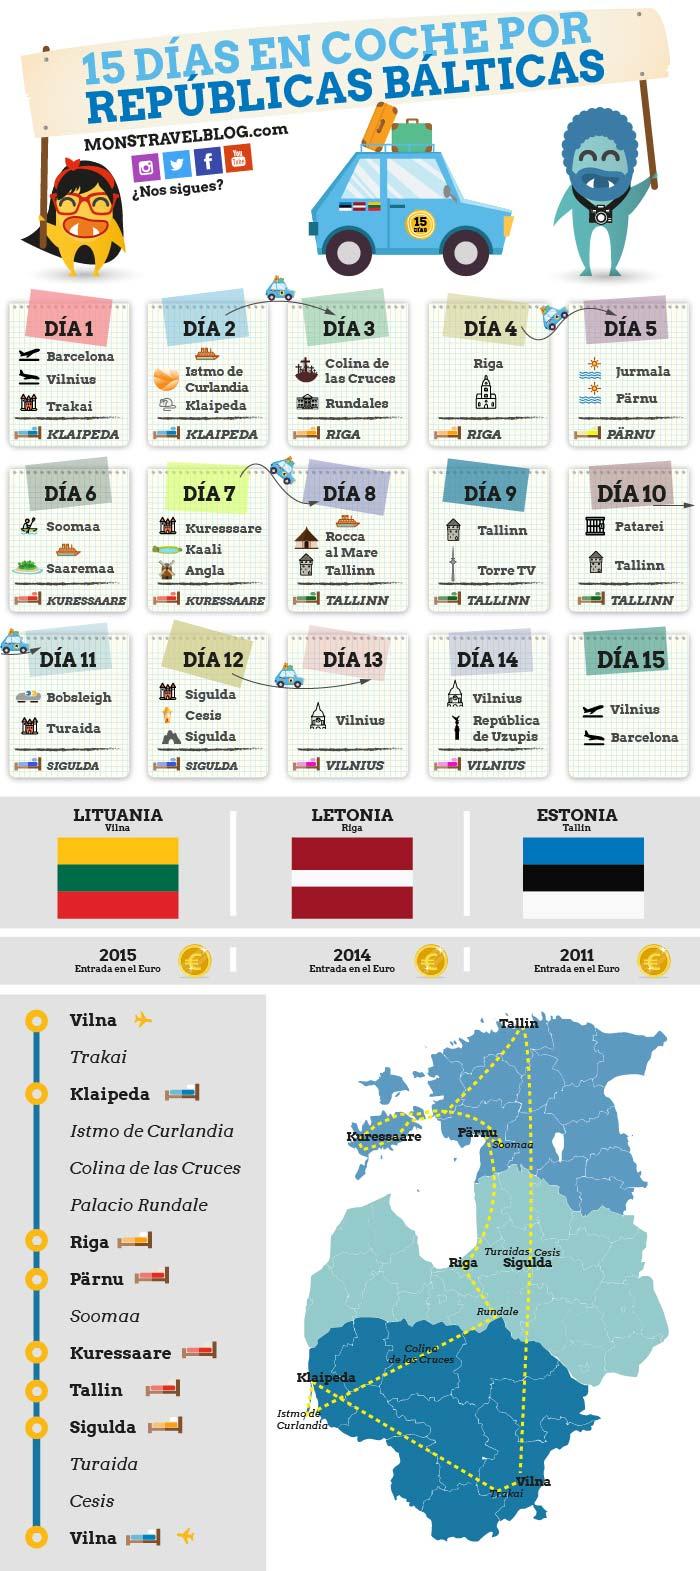 infografia-ruta-republicas-balticas-15-dias